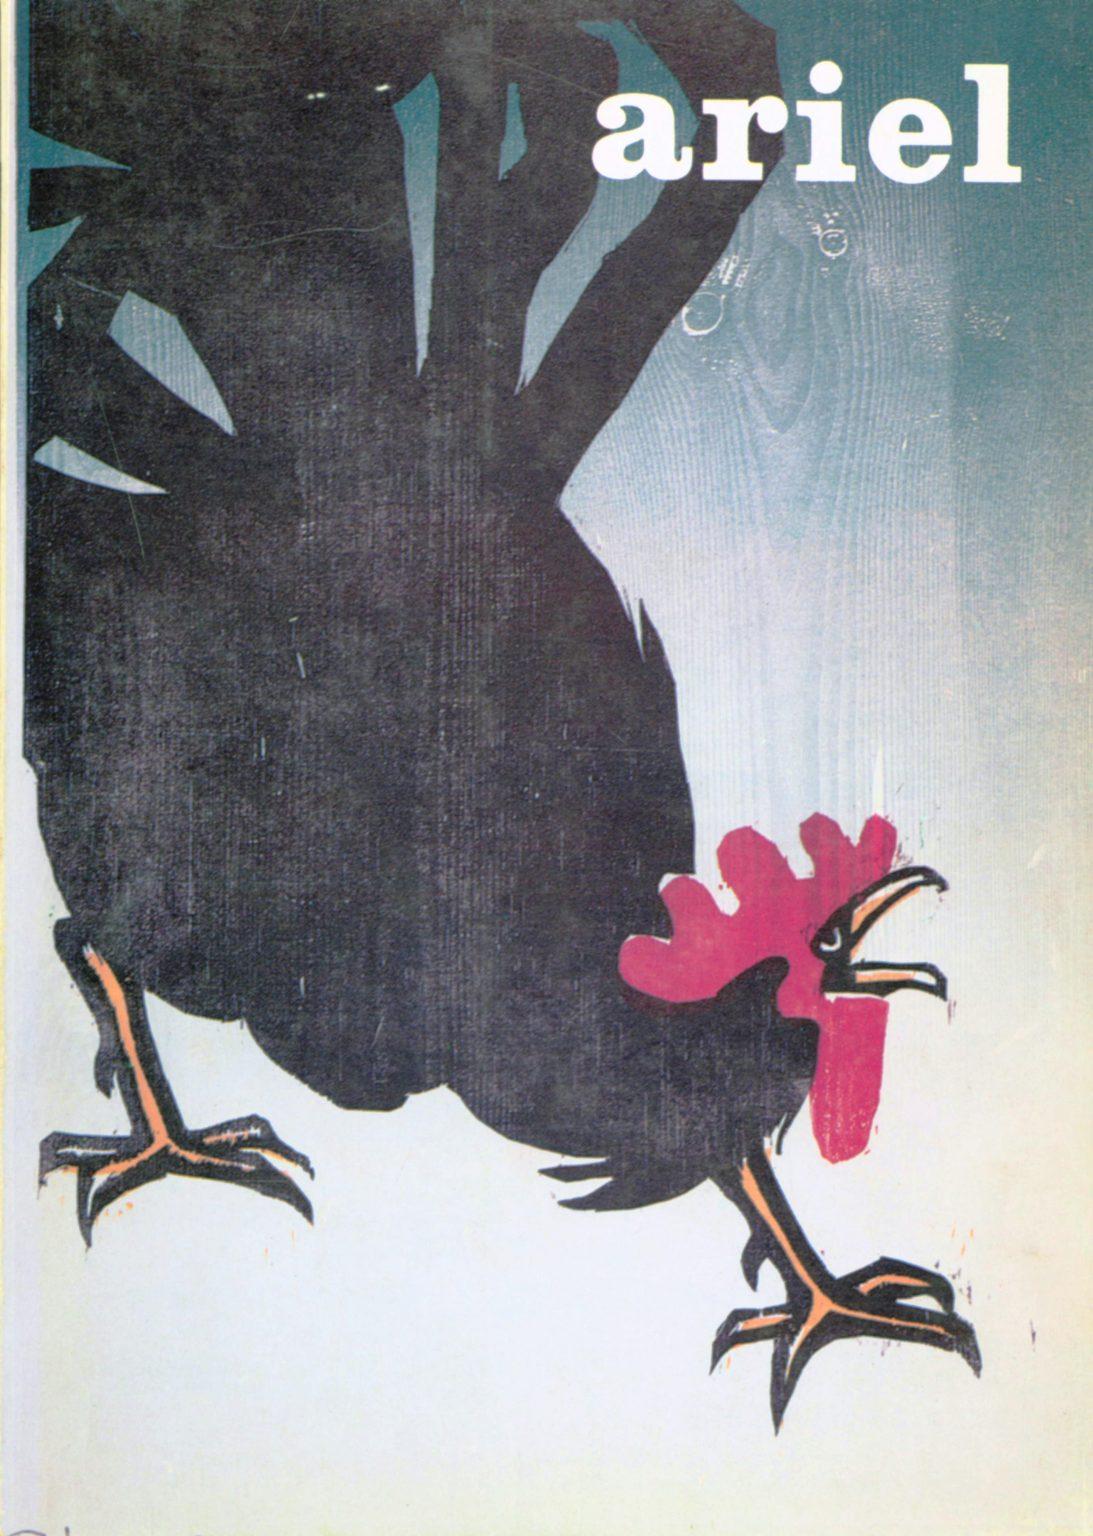 תרנגול (1978) מאת יעקב פינס על כריכת כתב-העת 'אריאל' (מס' 87, 1987)